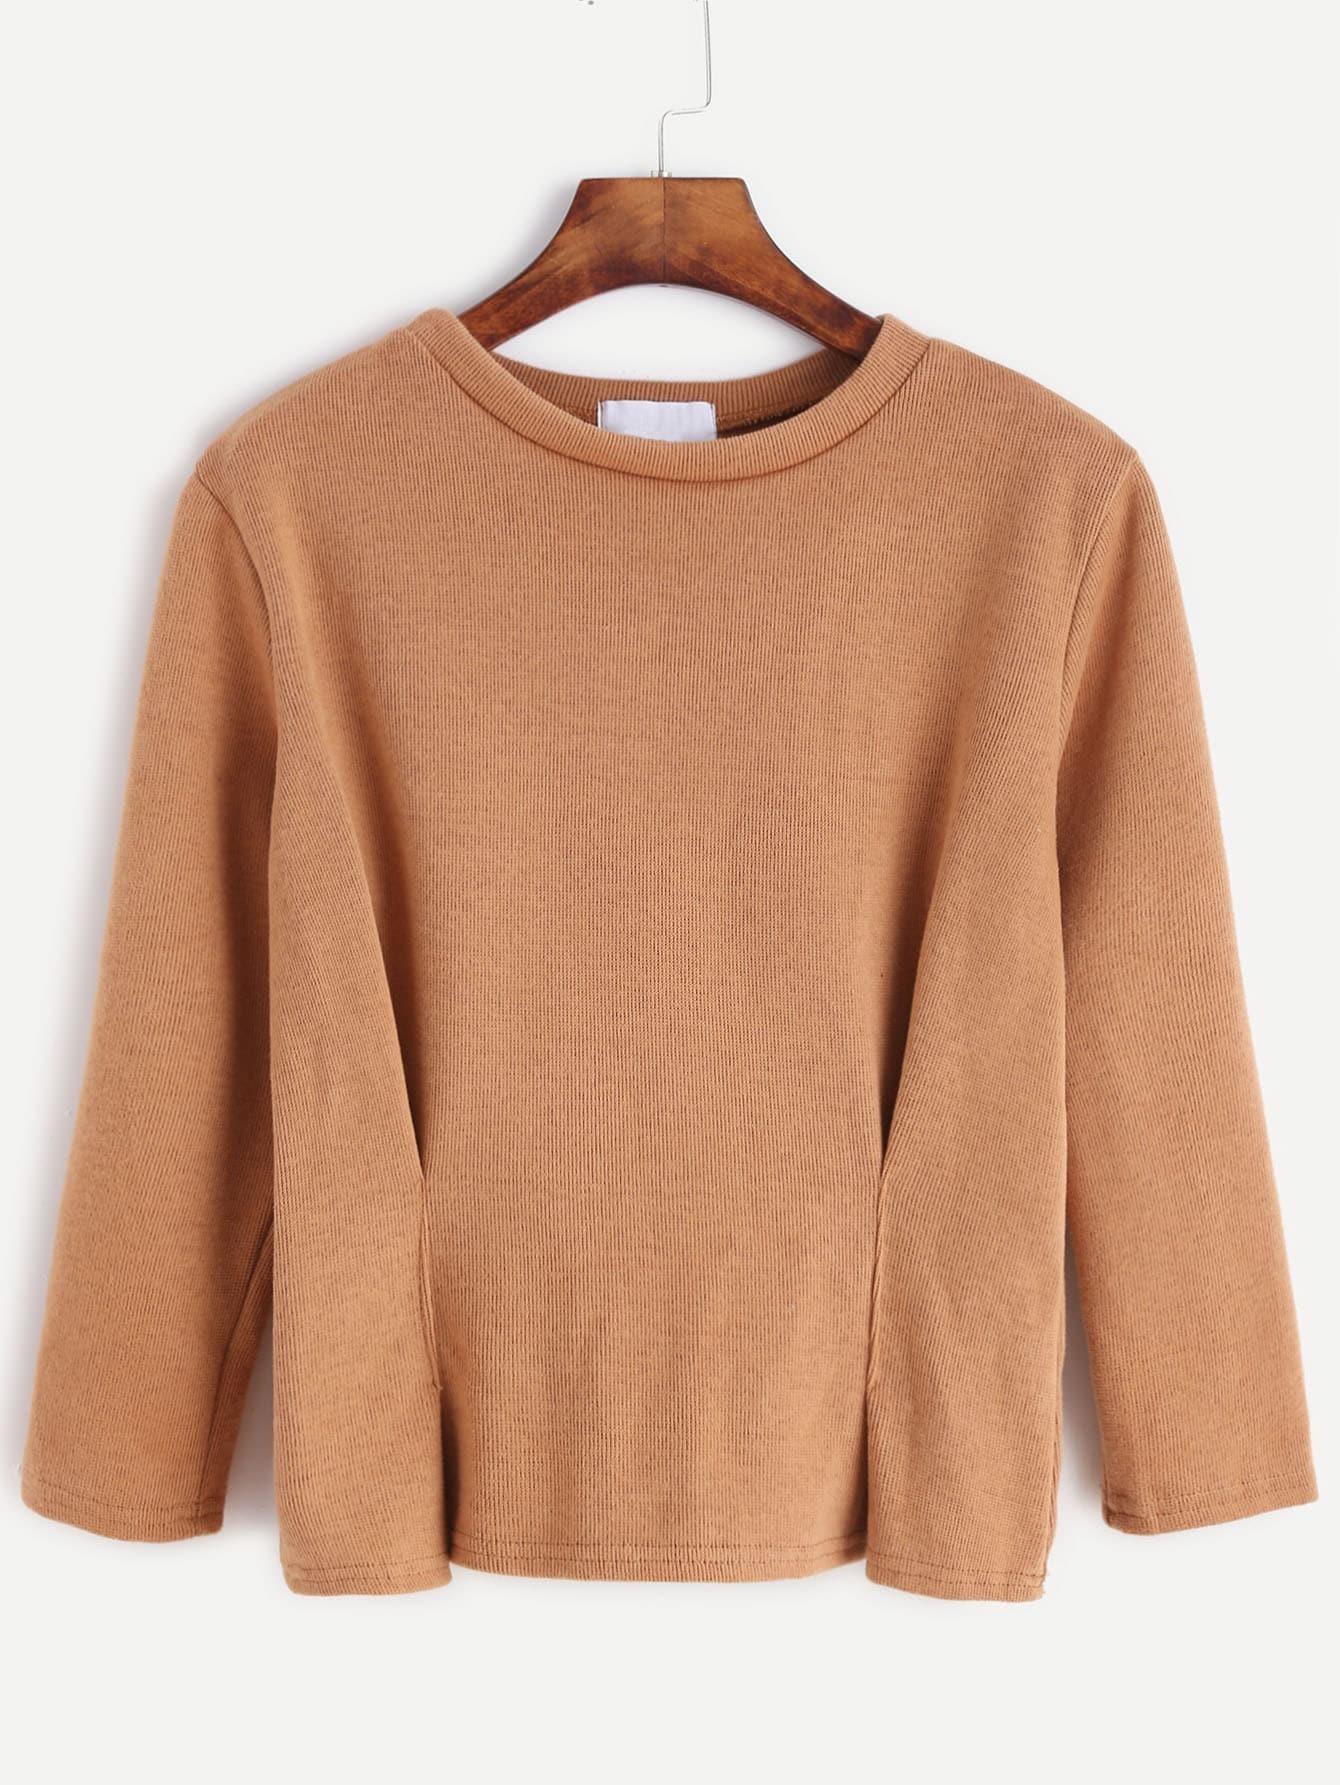 sweatshirt161024031_2